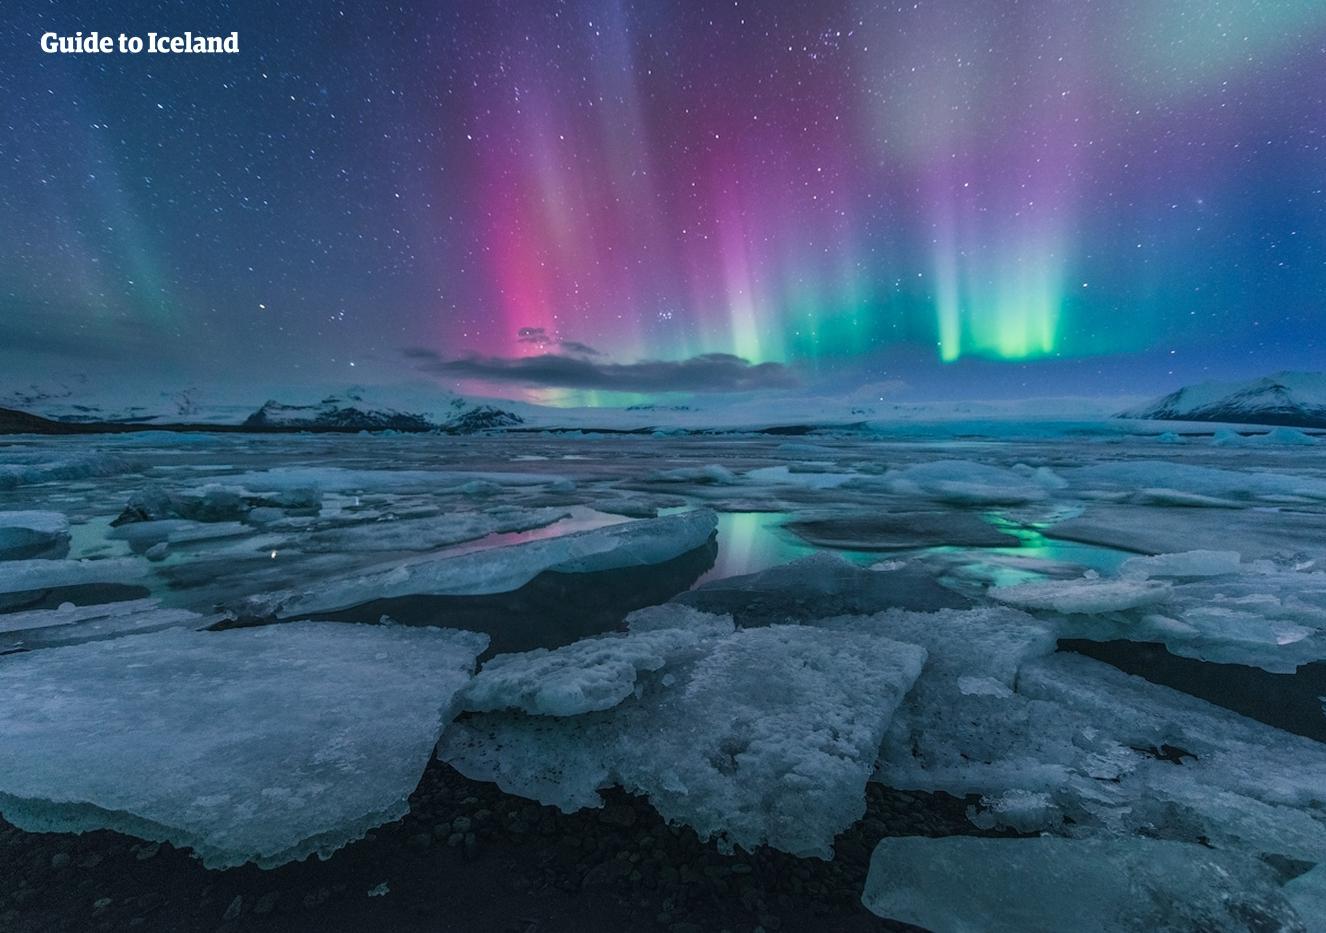 Det smukke nordlys danser hen over himlen over Jökulsárlón-gletsjerlagunen